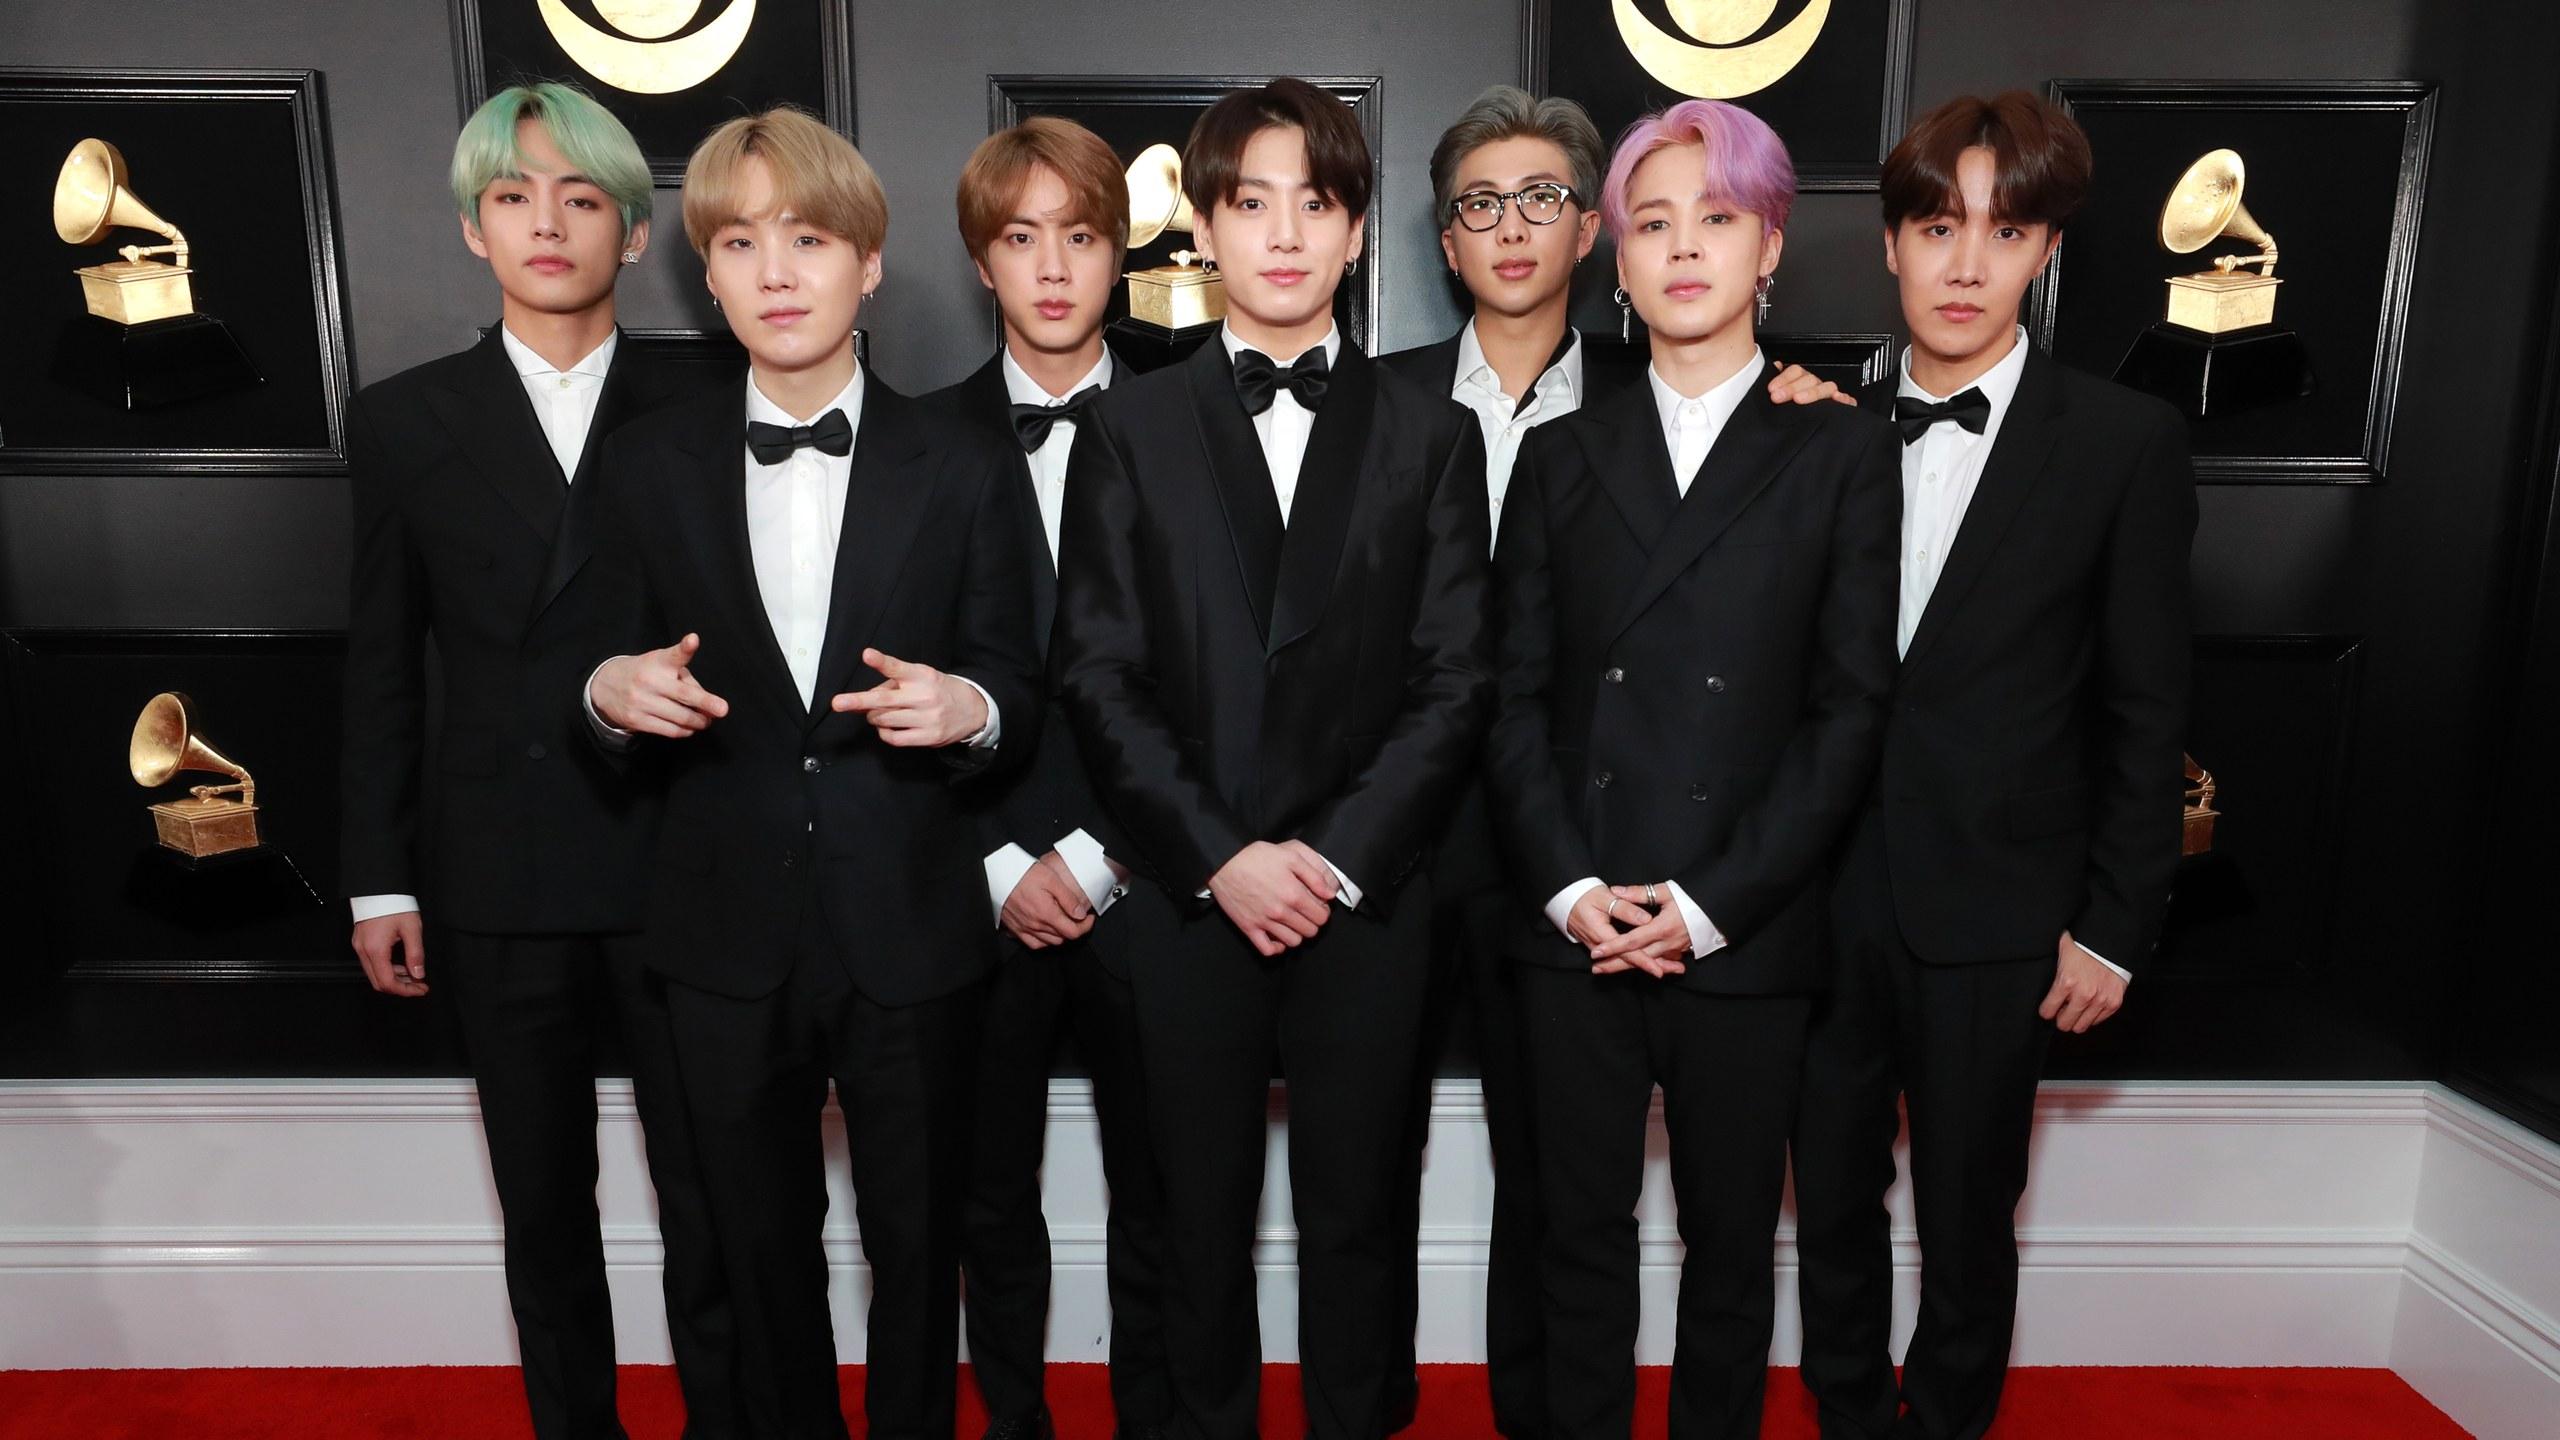 Los 10 mejores grupos y solistas de K-pop de 2019: BTS